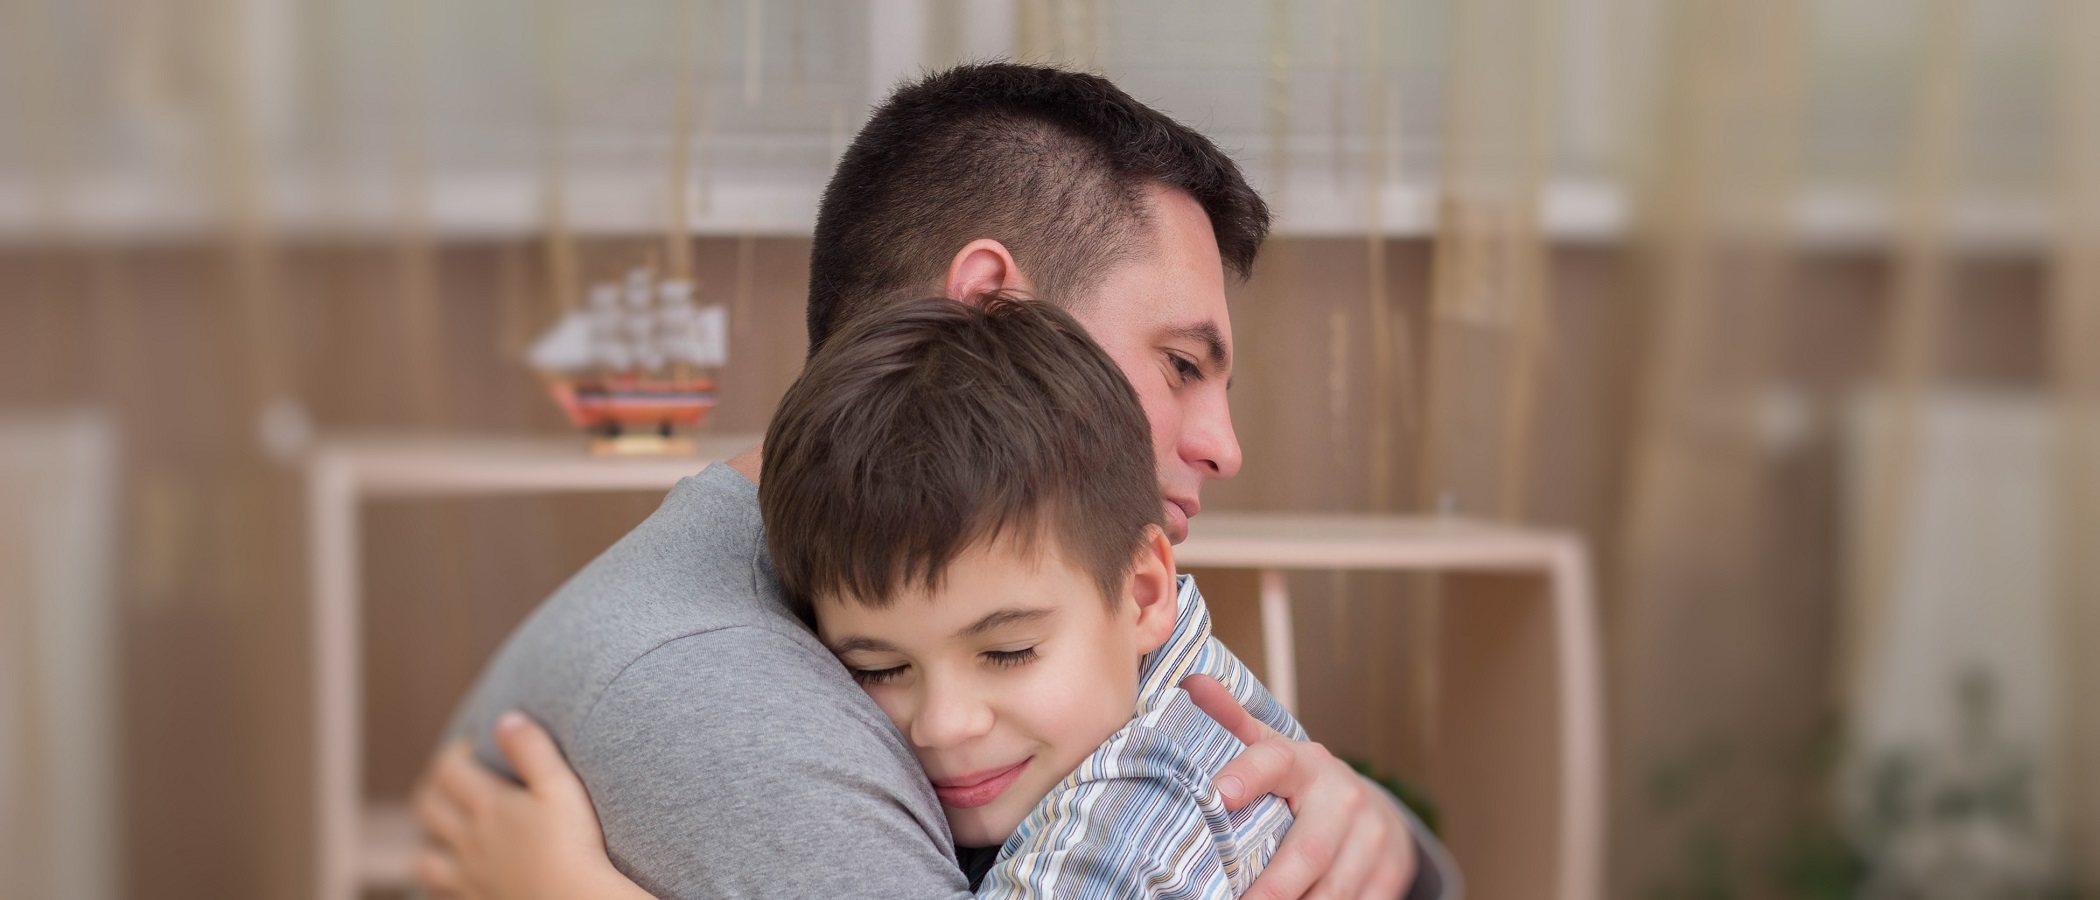 Habilidades de afrontamiento familiares